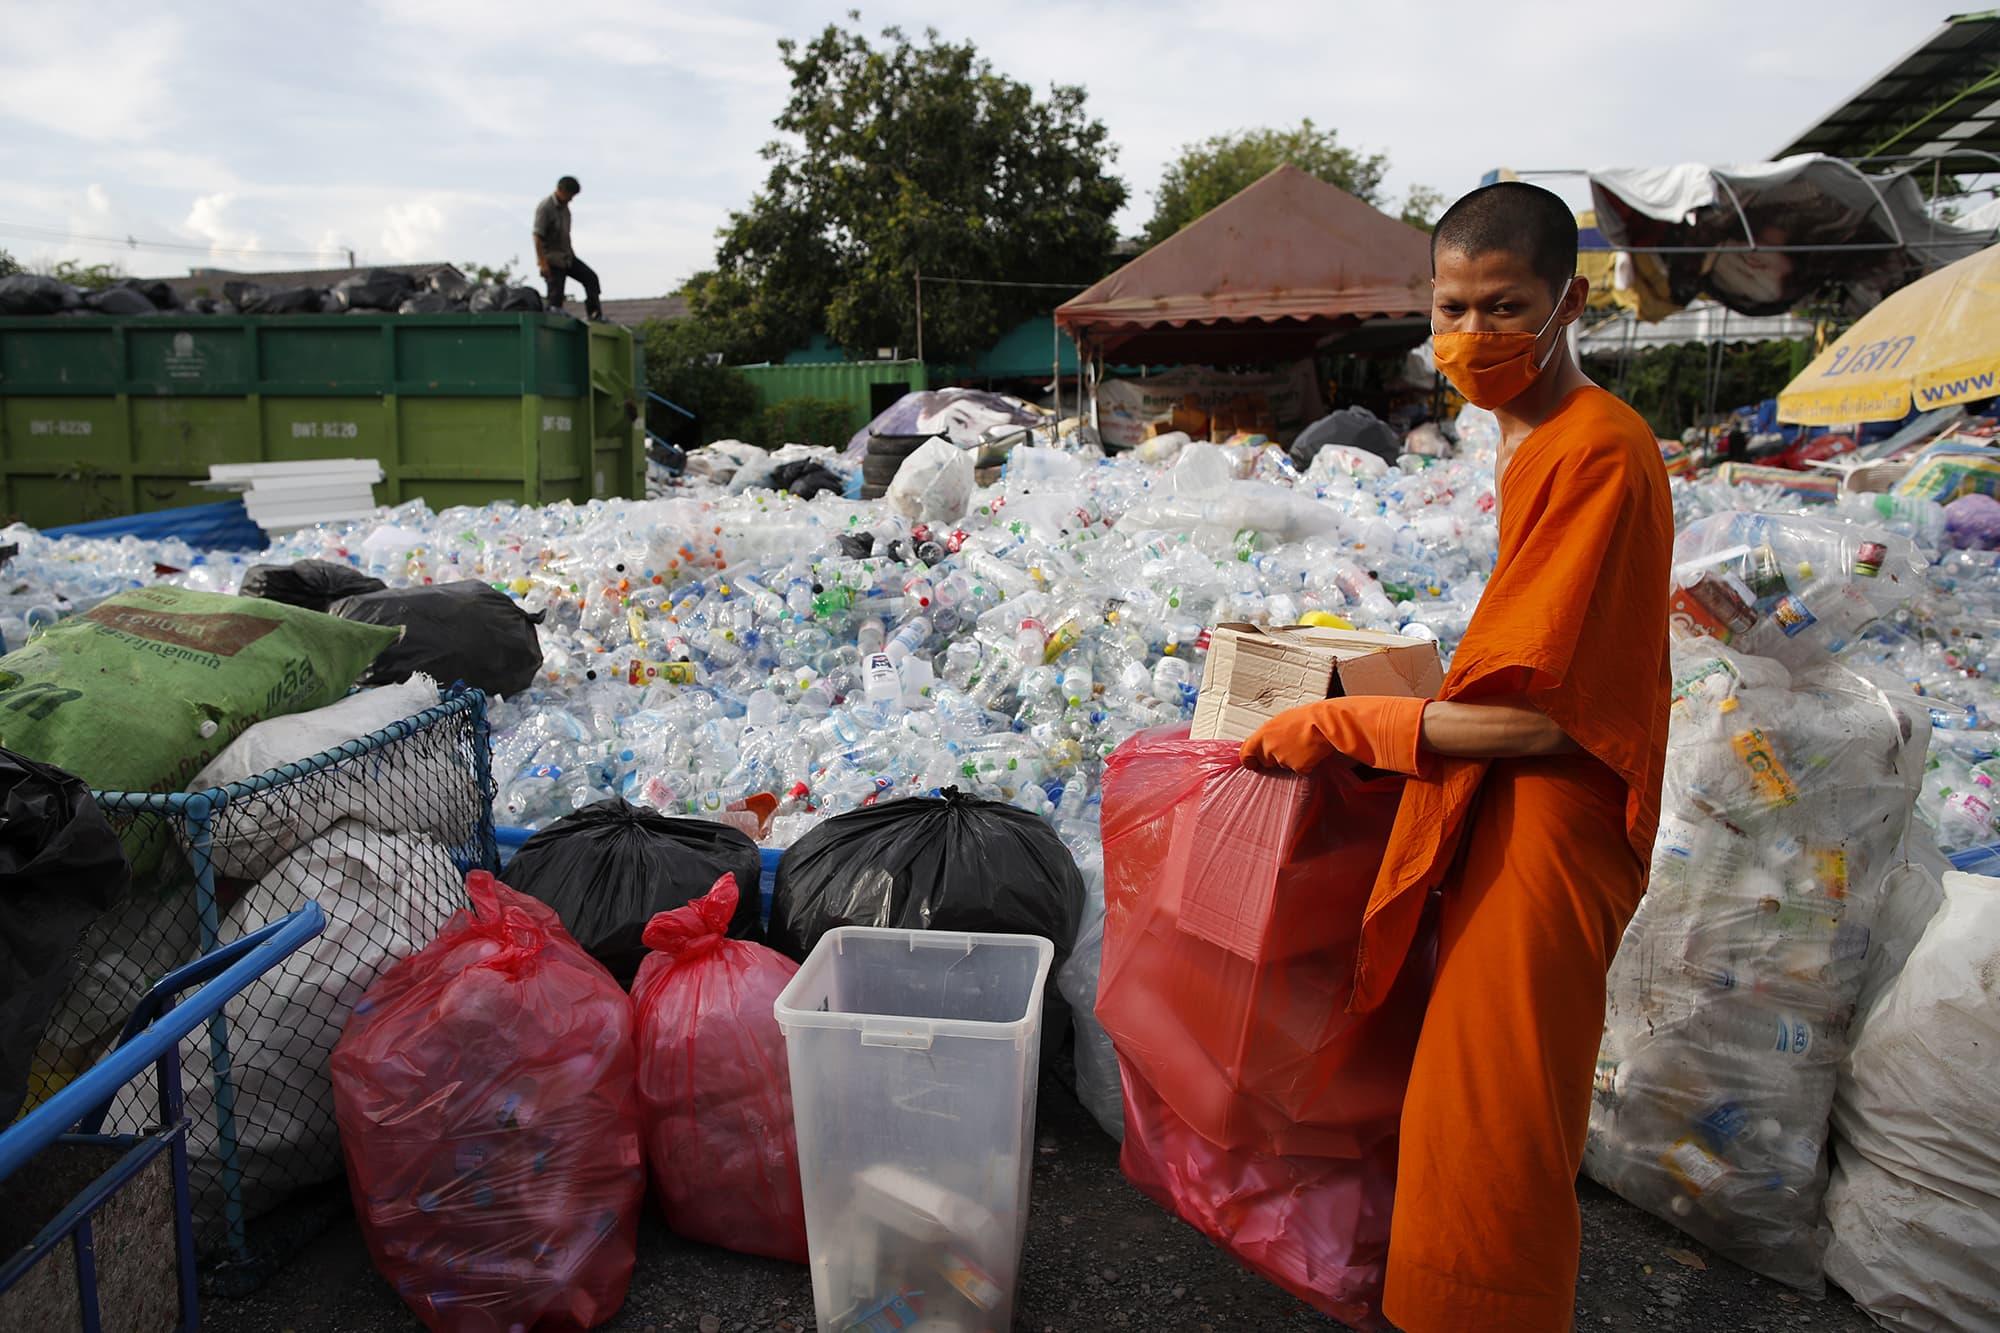 Kuvassa on munkki, joka lajittelee kierrätettävää muovijätettä.